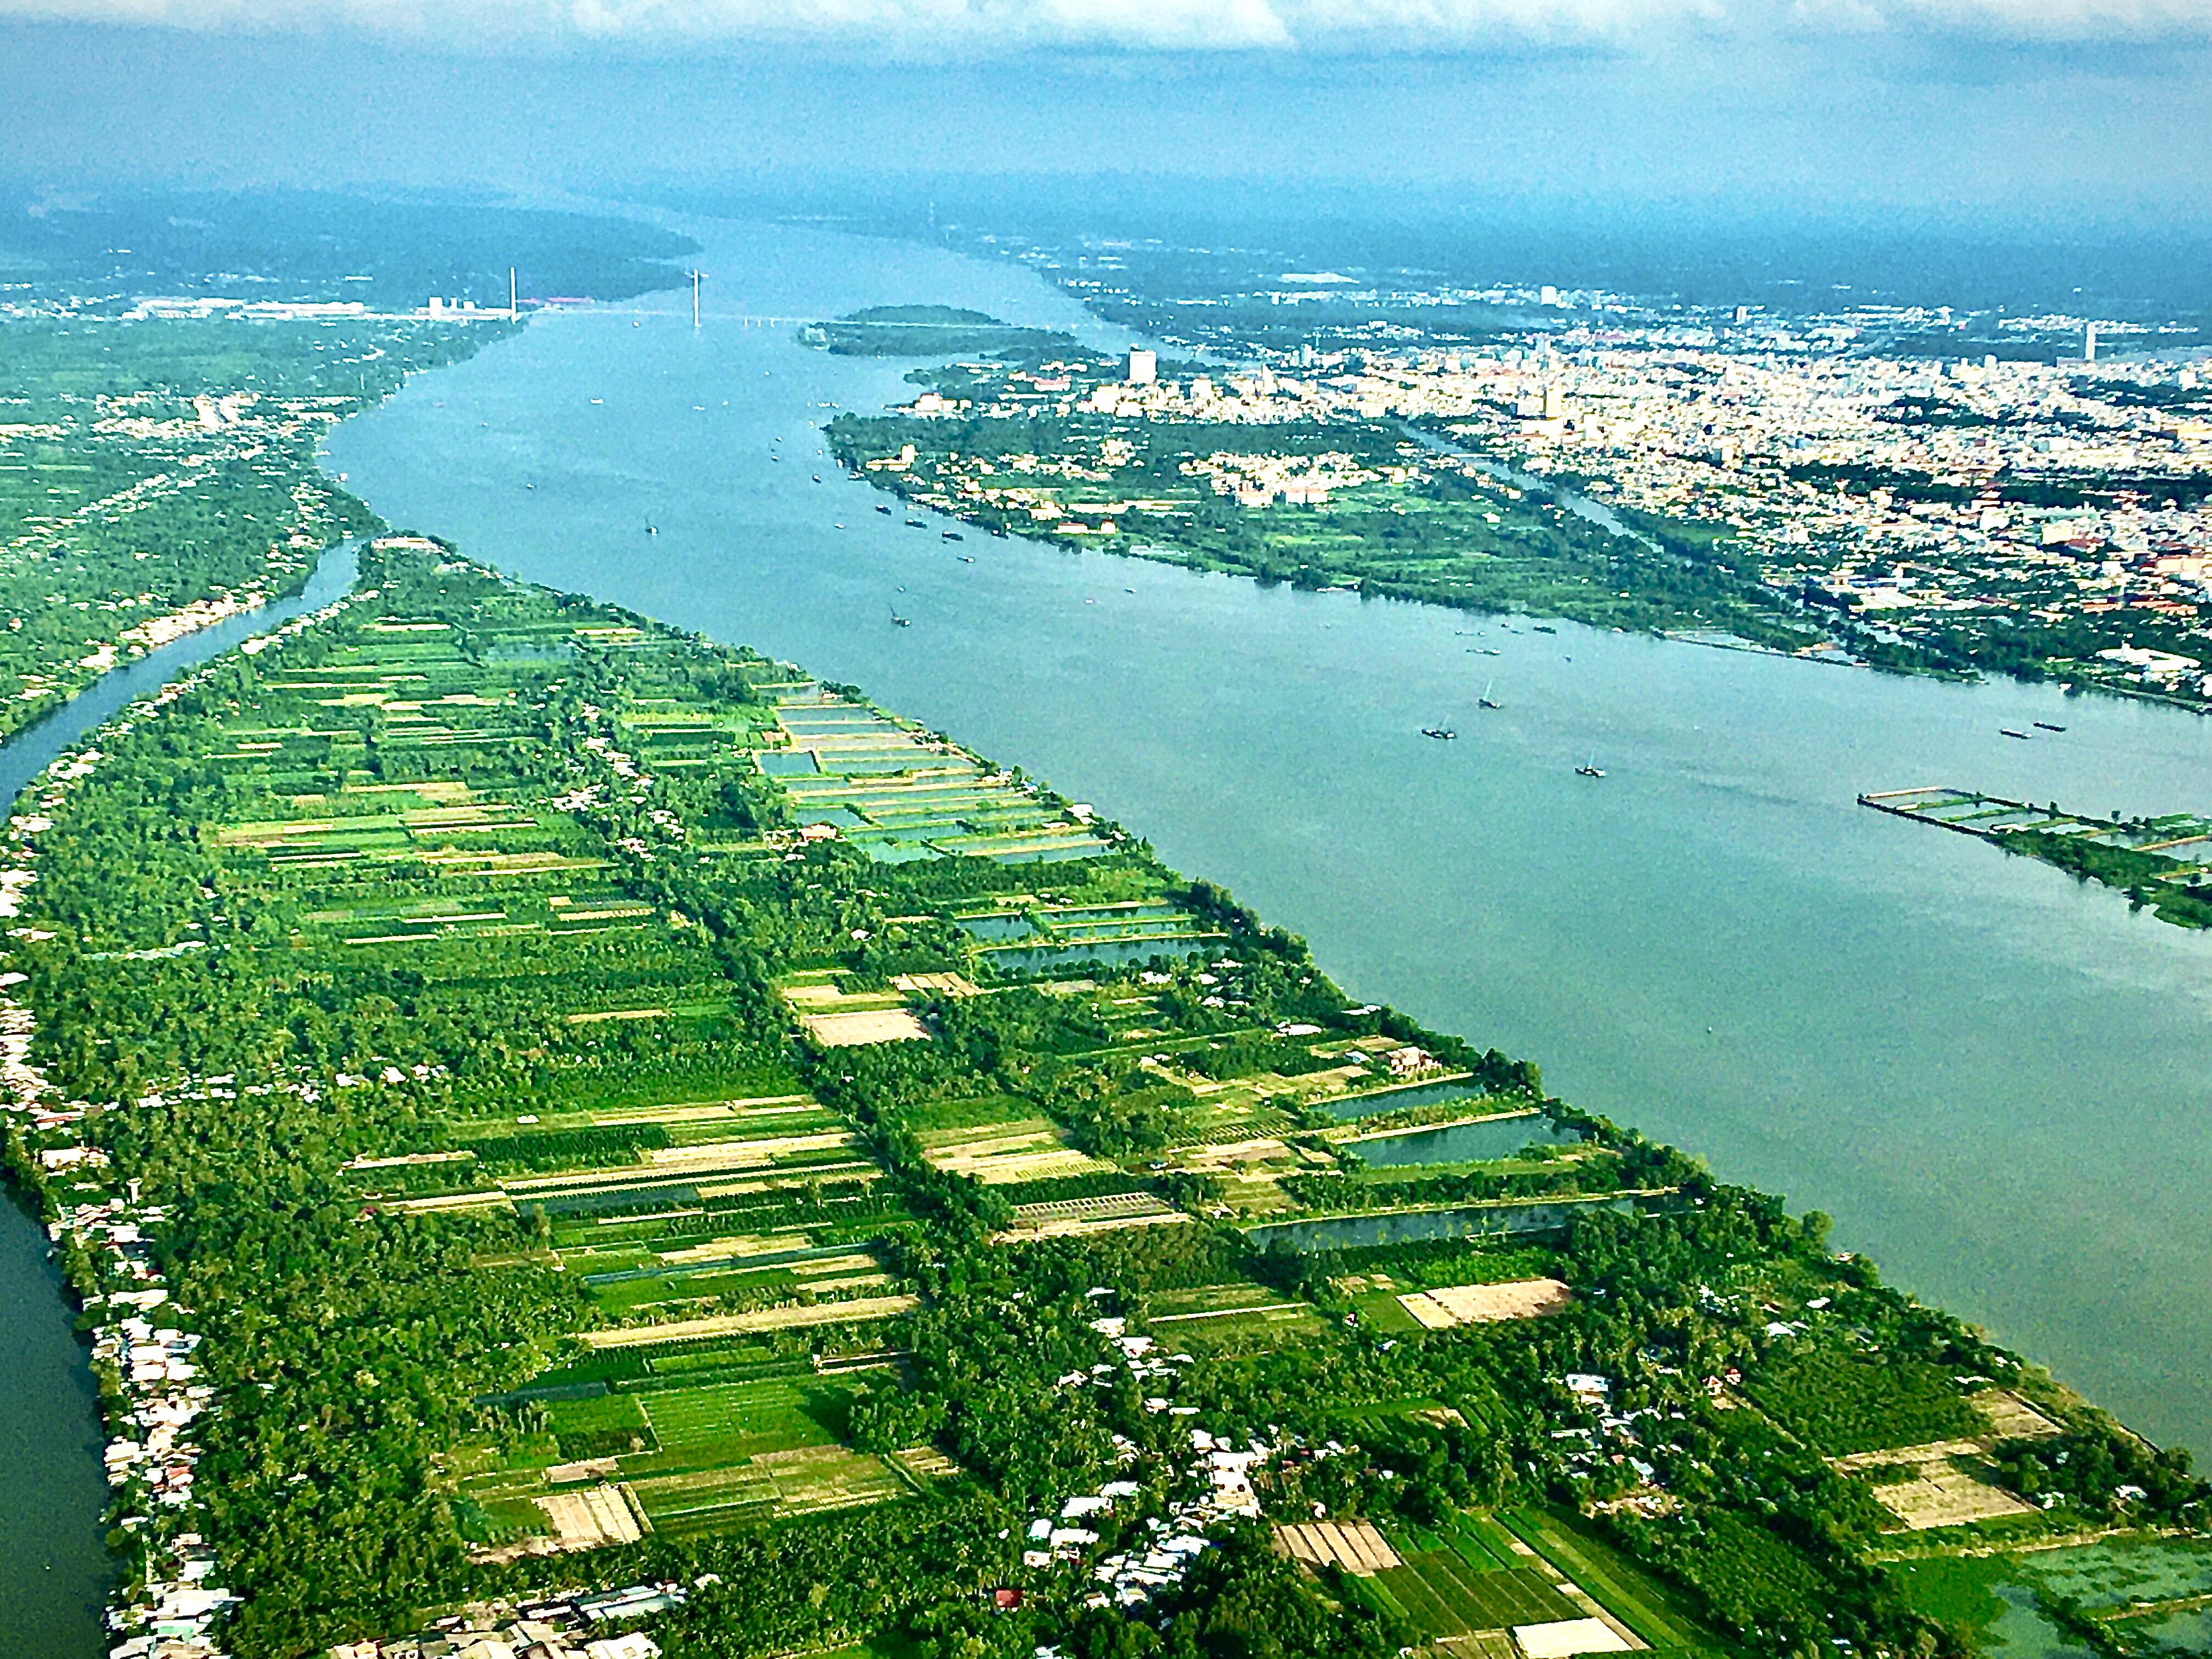 [ẢNH] Đồng bằng sông Cửu Long nhìn từ trên cao  - Ảnh 3